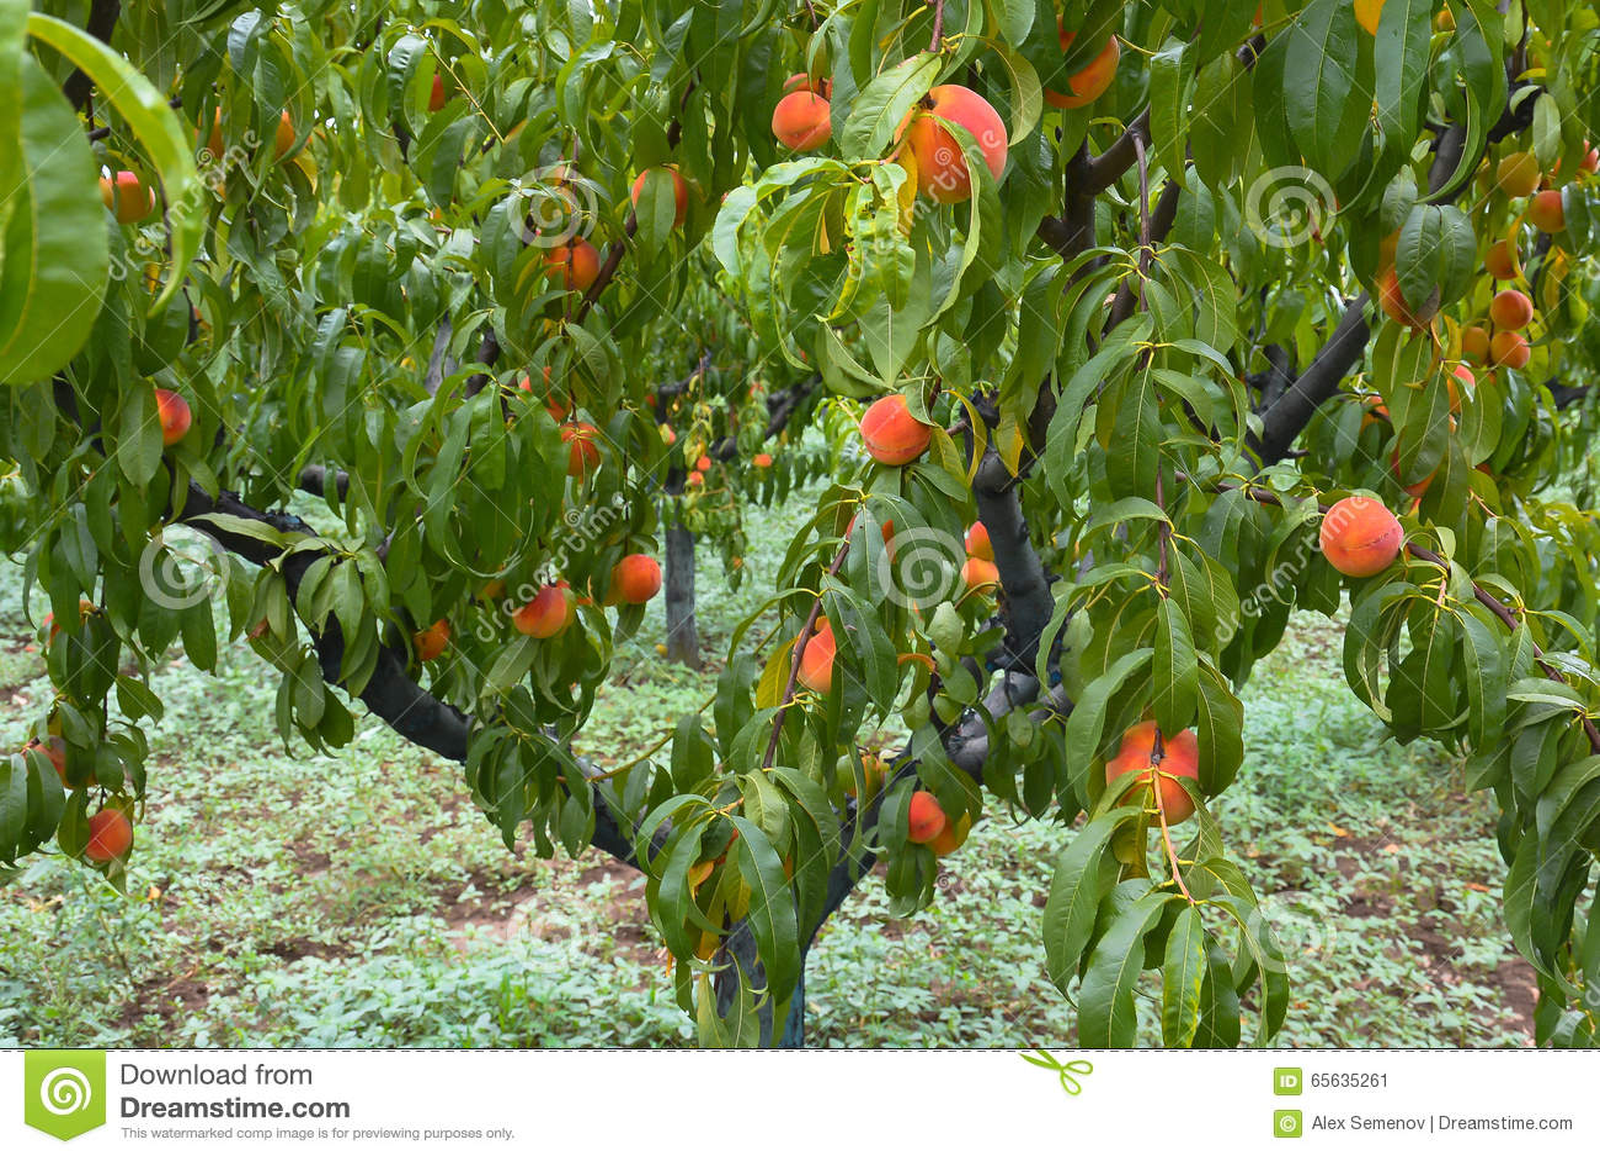 Rbol de melocot n con las frutas en el jard n foto de archivo imagen 65635261 - Pfirsichbaum im garten ...